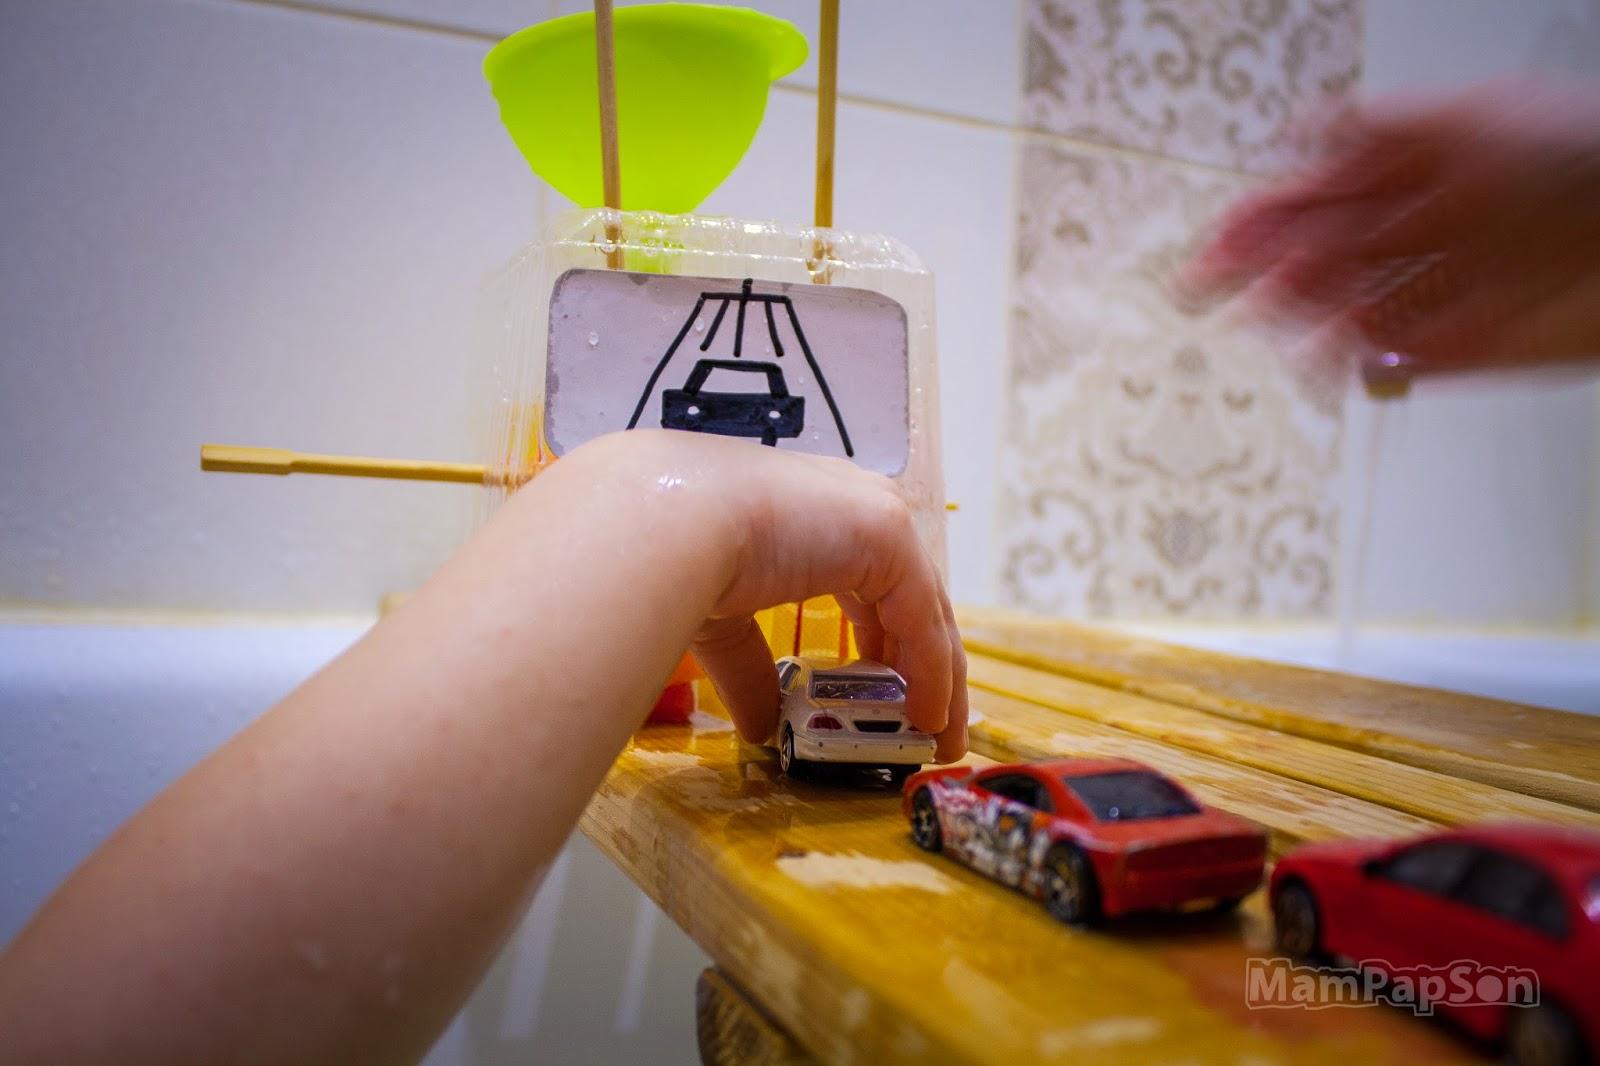 самодельная игрушечная автомойка